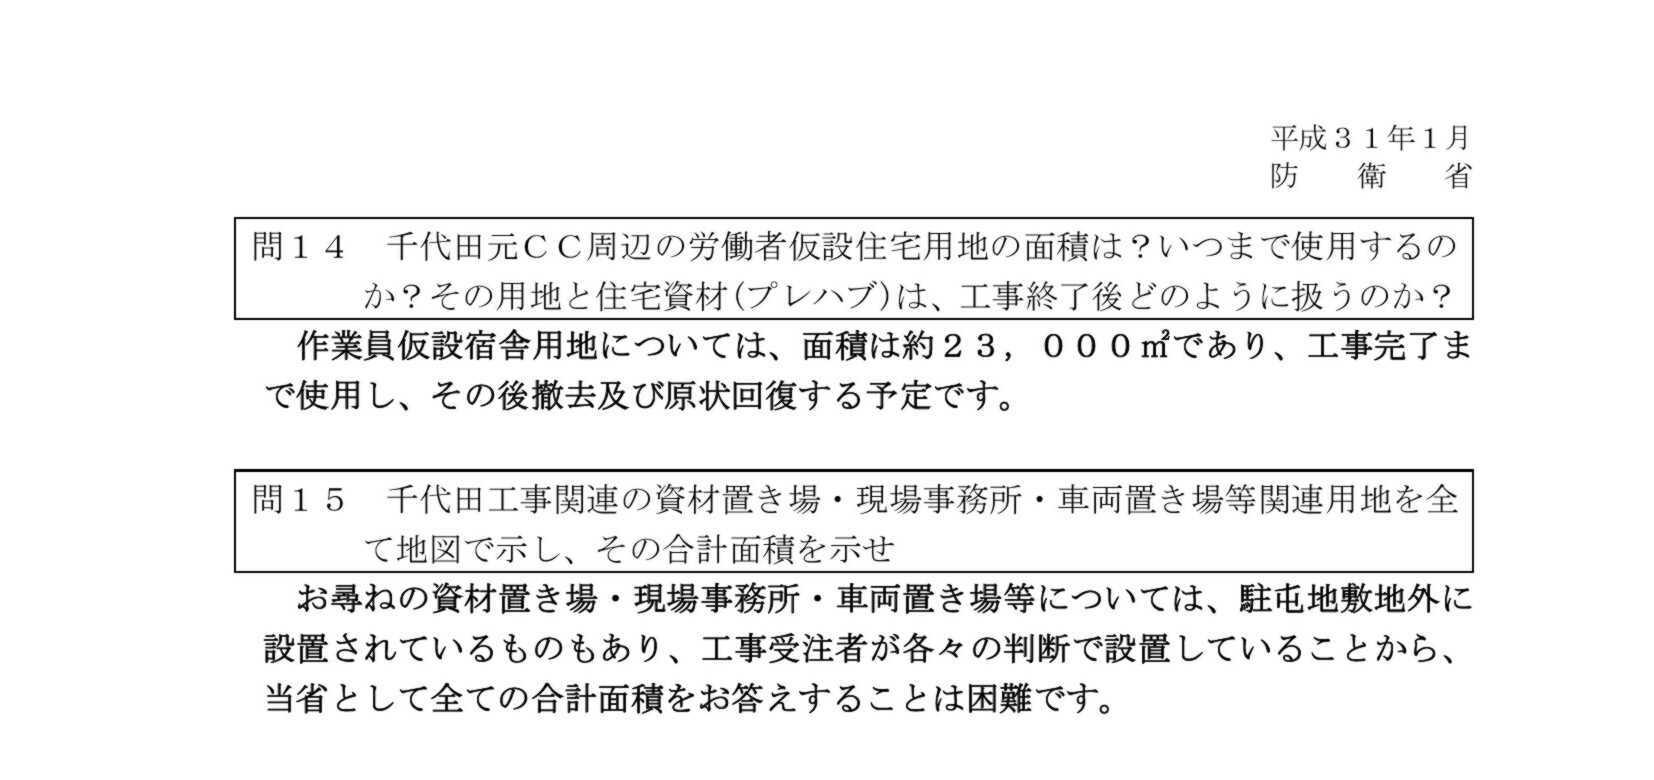 201901防衛省回答0003